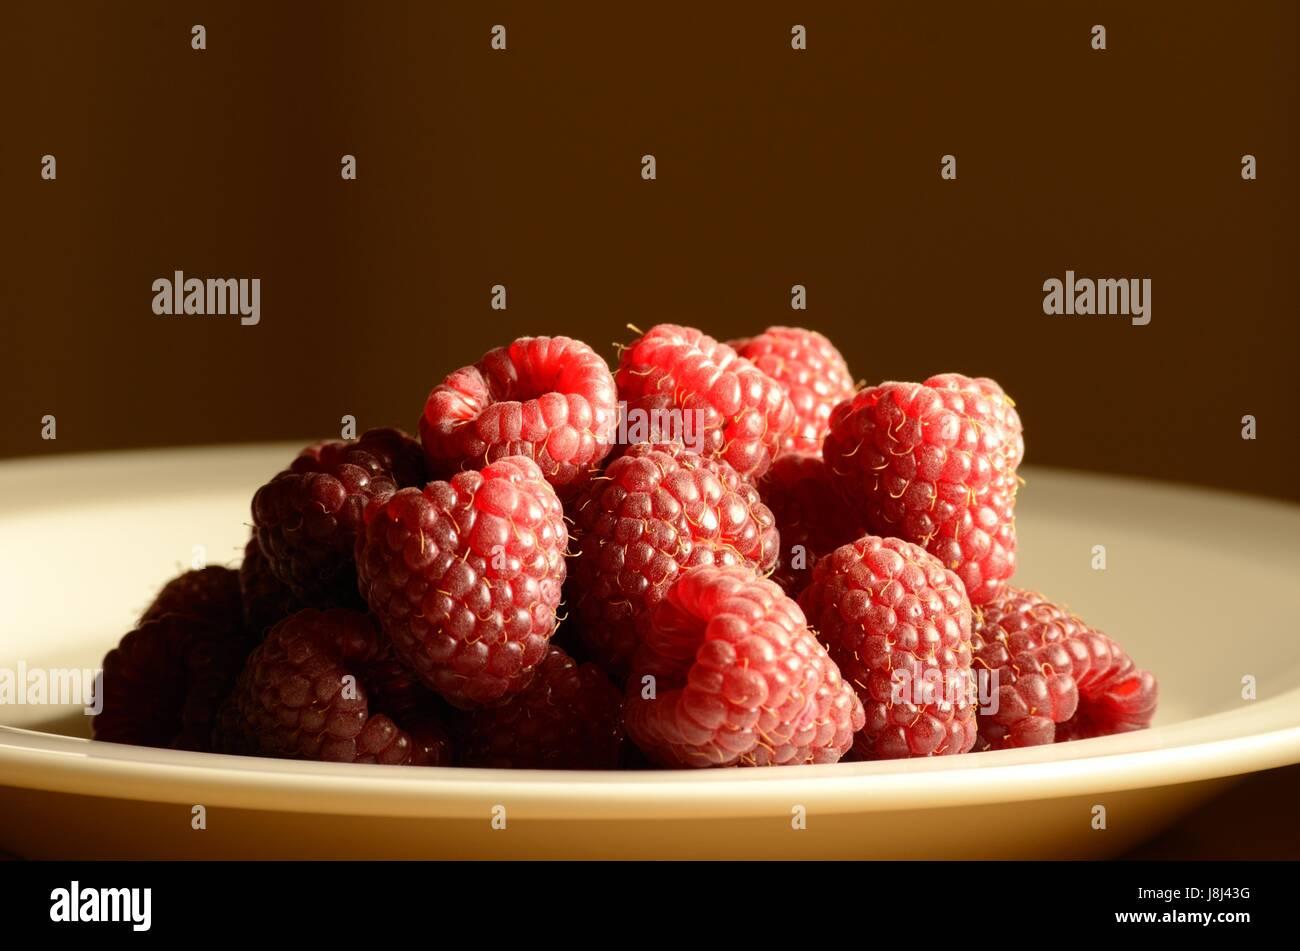 Un plat de framboises Photo Stock